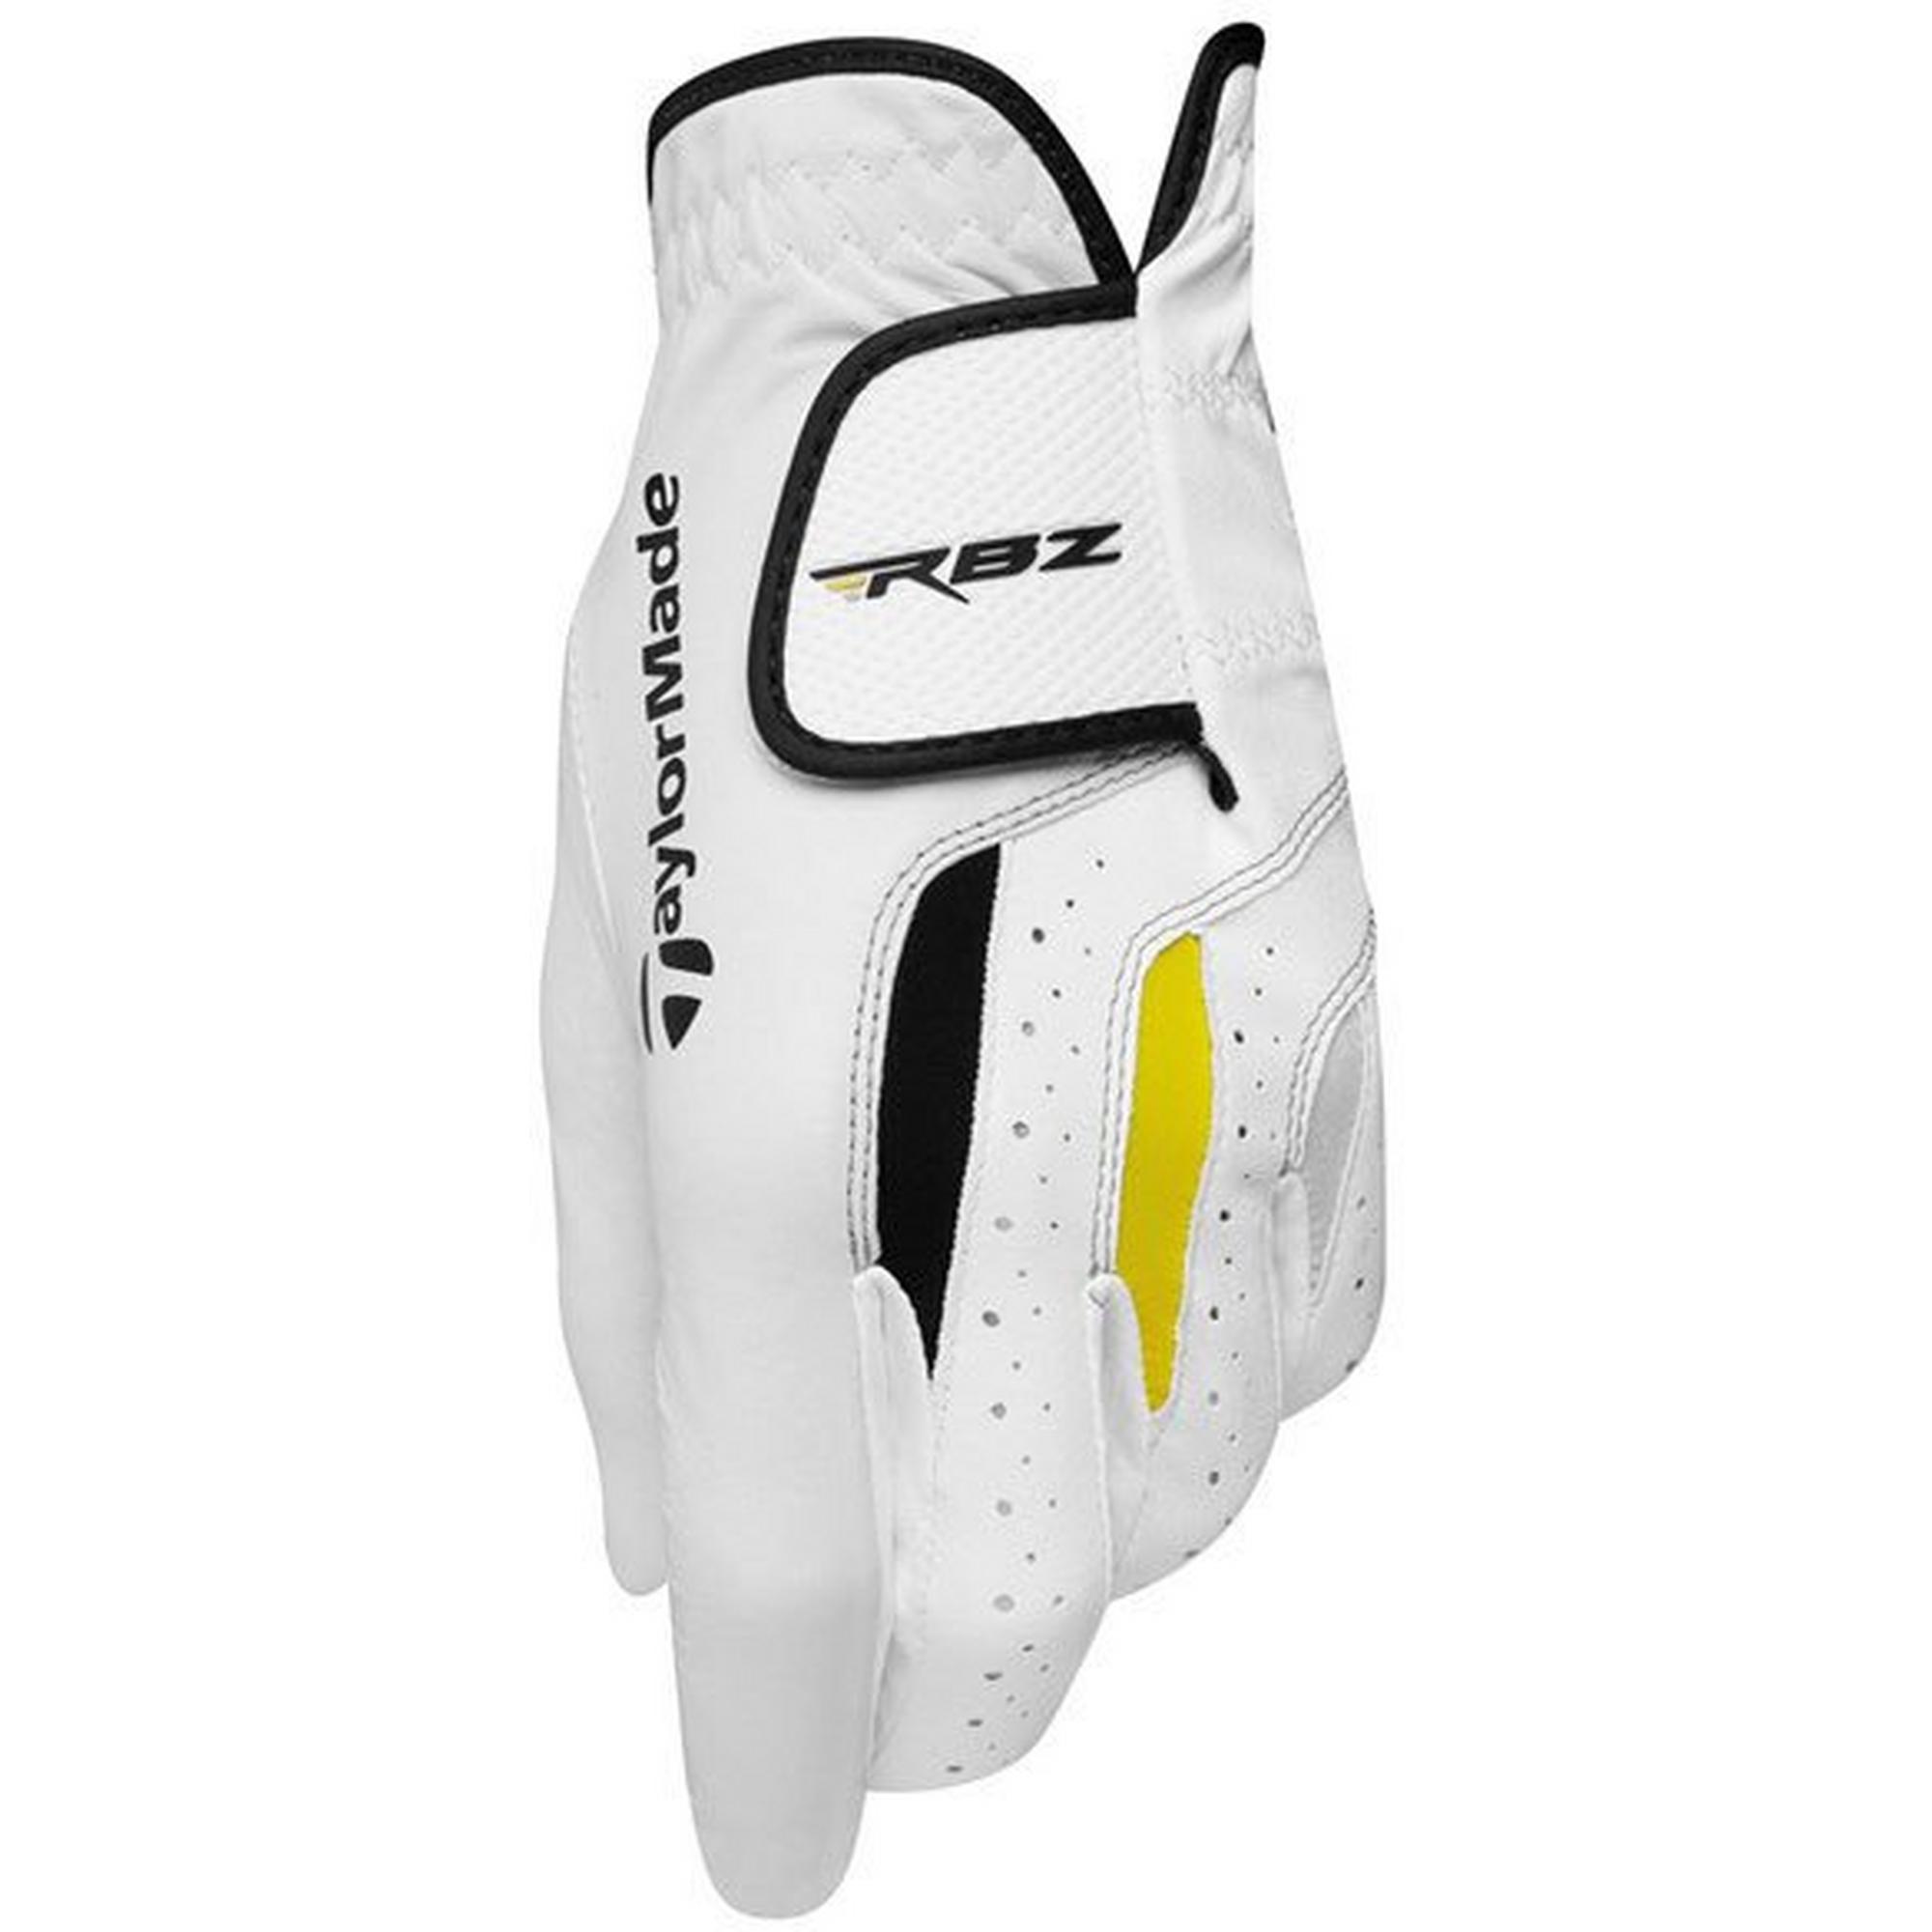 RBZ Golf Glove Left Hand